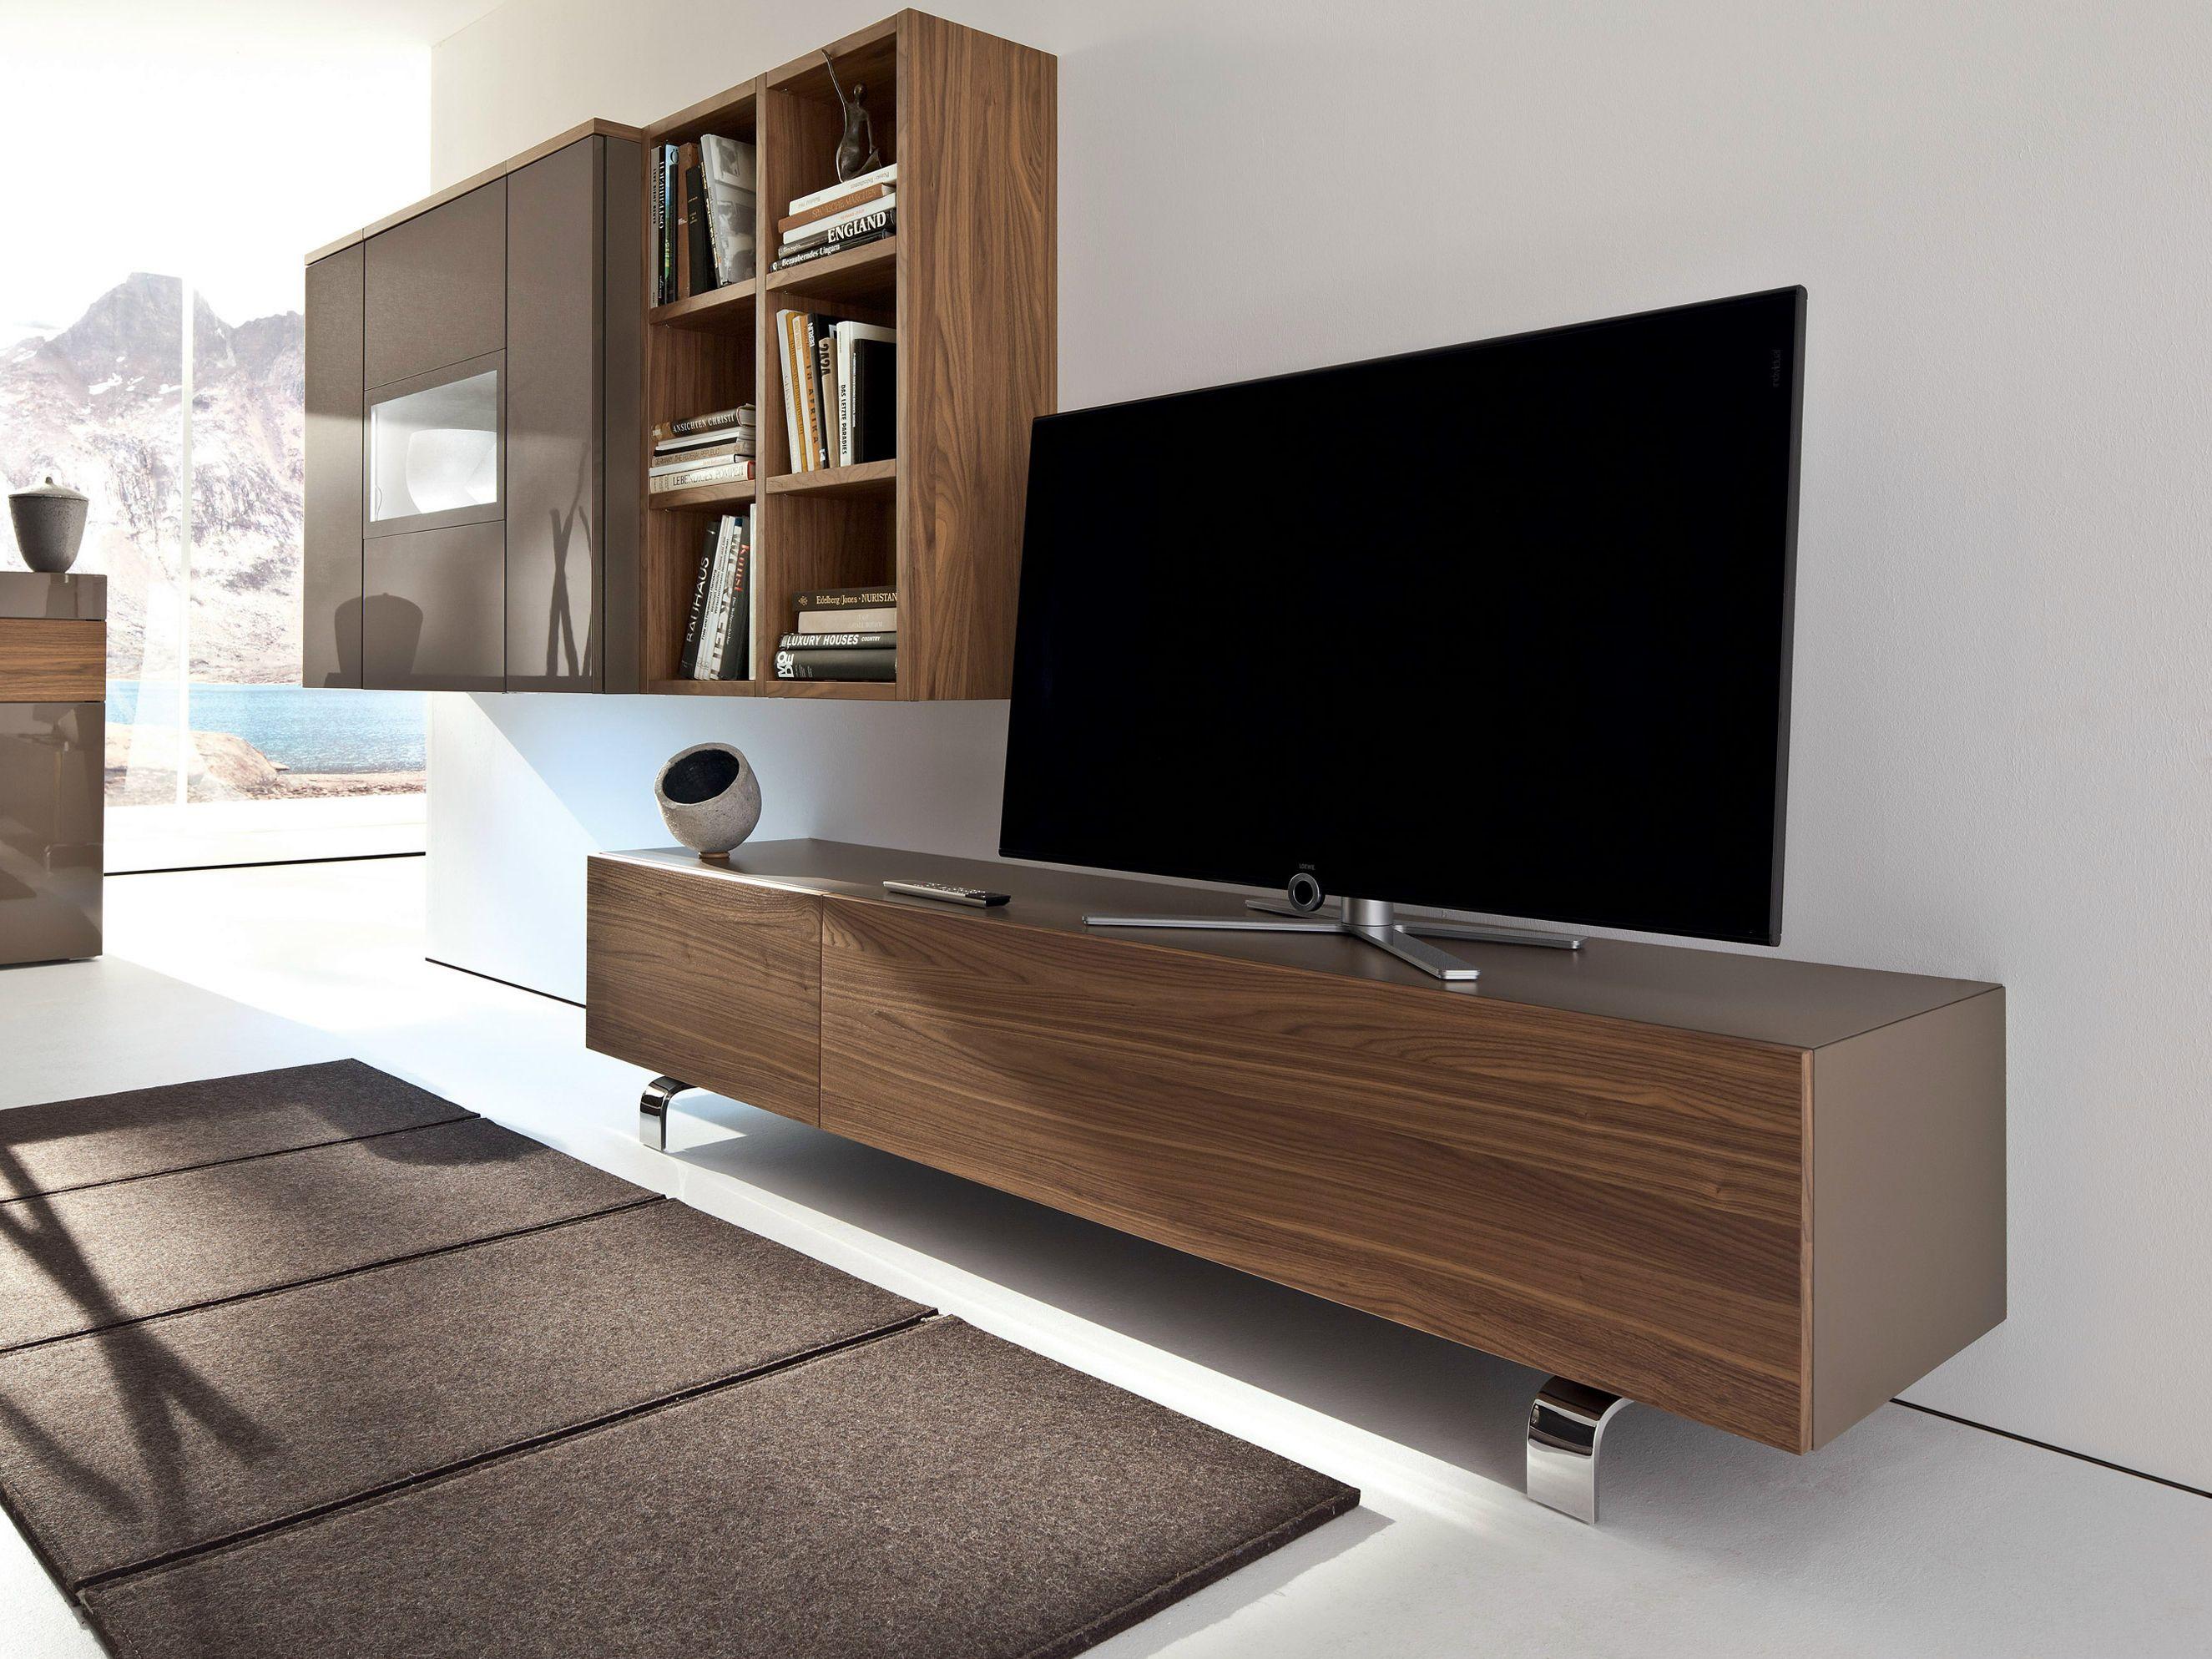 NEO TV cabinet by Hülsta Werke Hüls